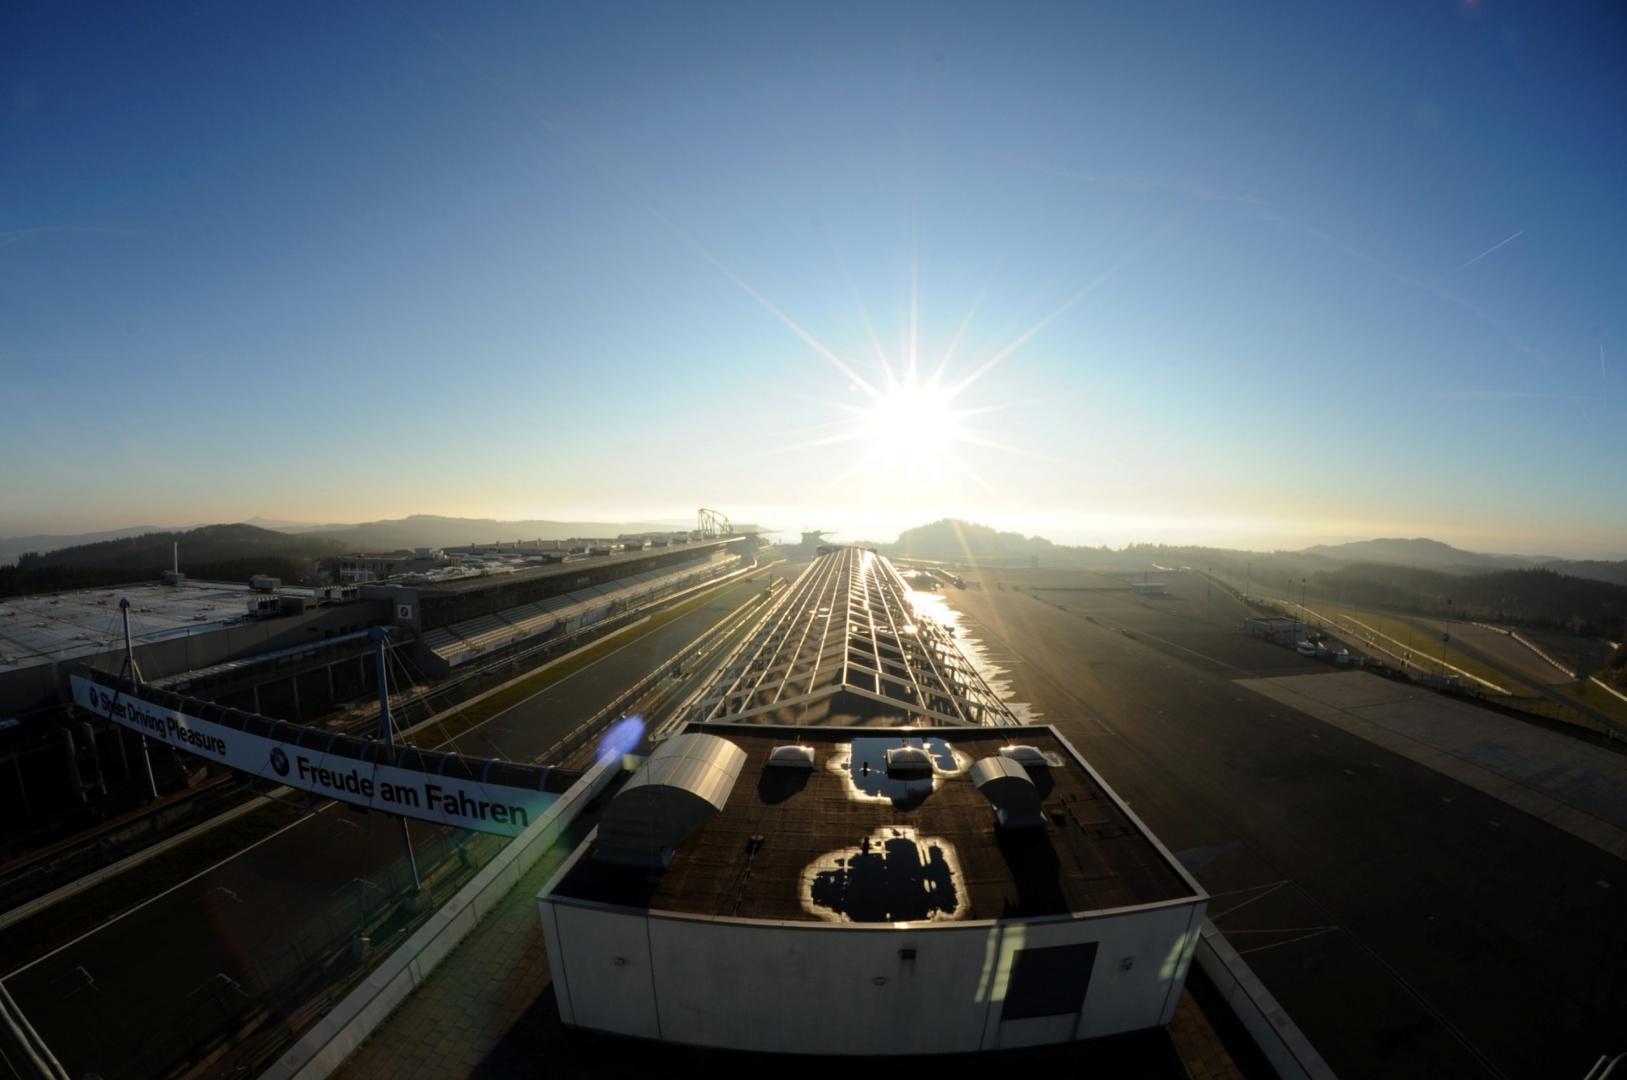 Nurburgring GP circuit